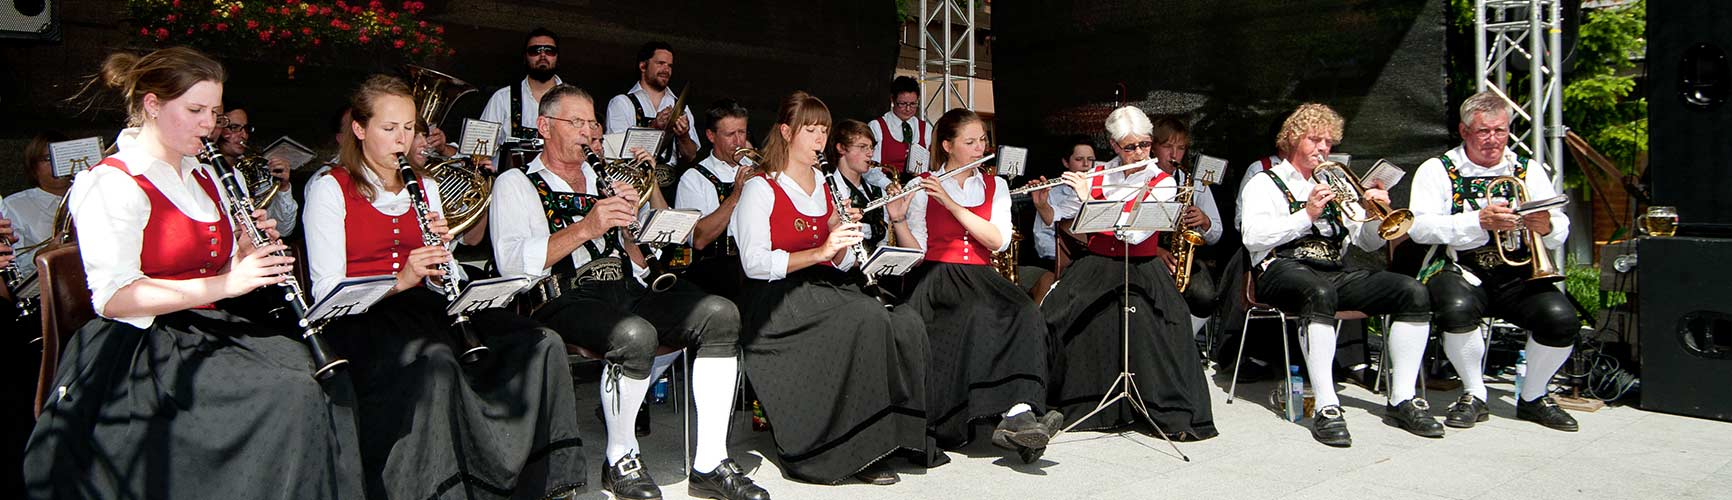 Veranstaltungen mt Tradition | Outdoor-Aktivitäten | Wandern | Trekking | Bergland Appartements in Lech am Arlberg | Sommer-Frische auf 1600m in Lech am Arlberg